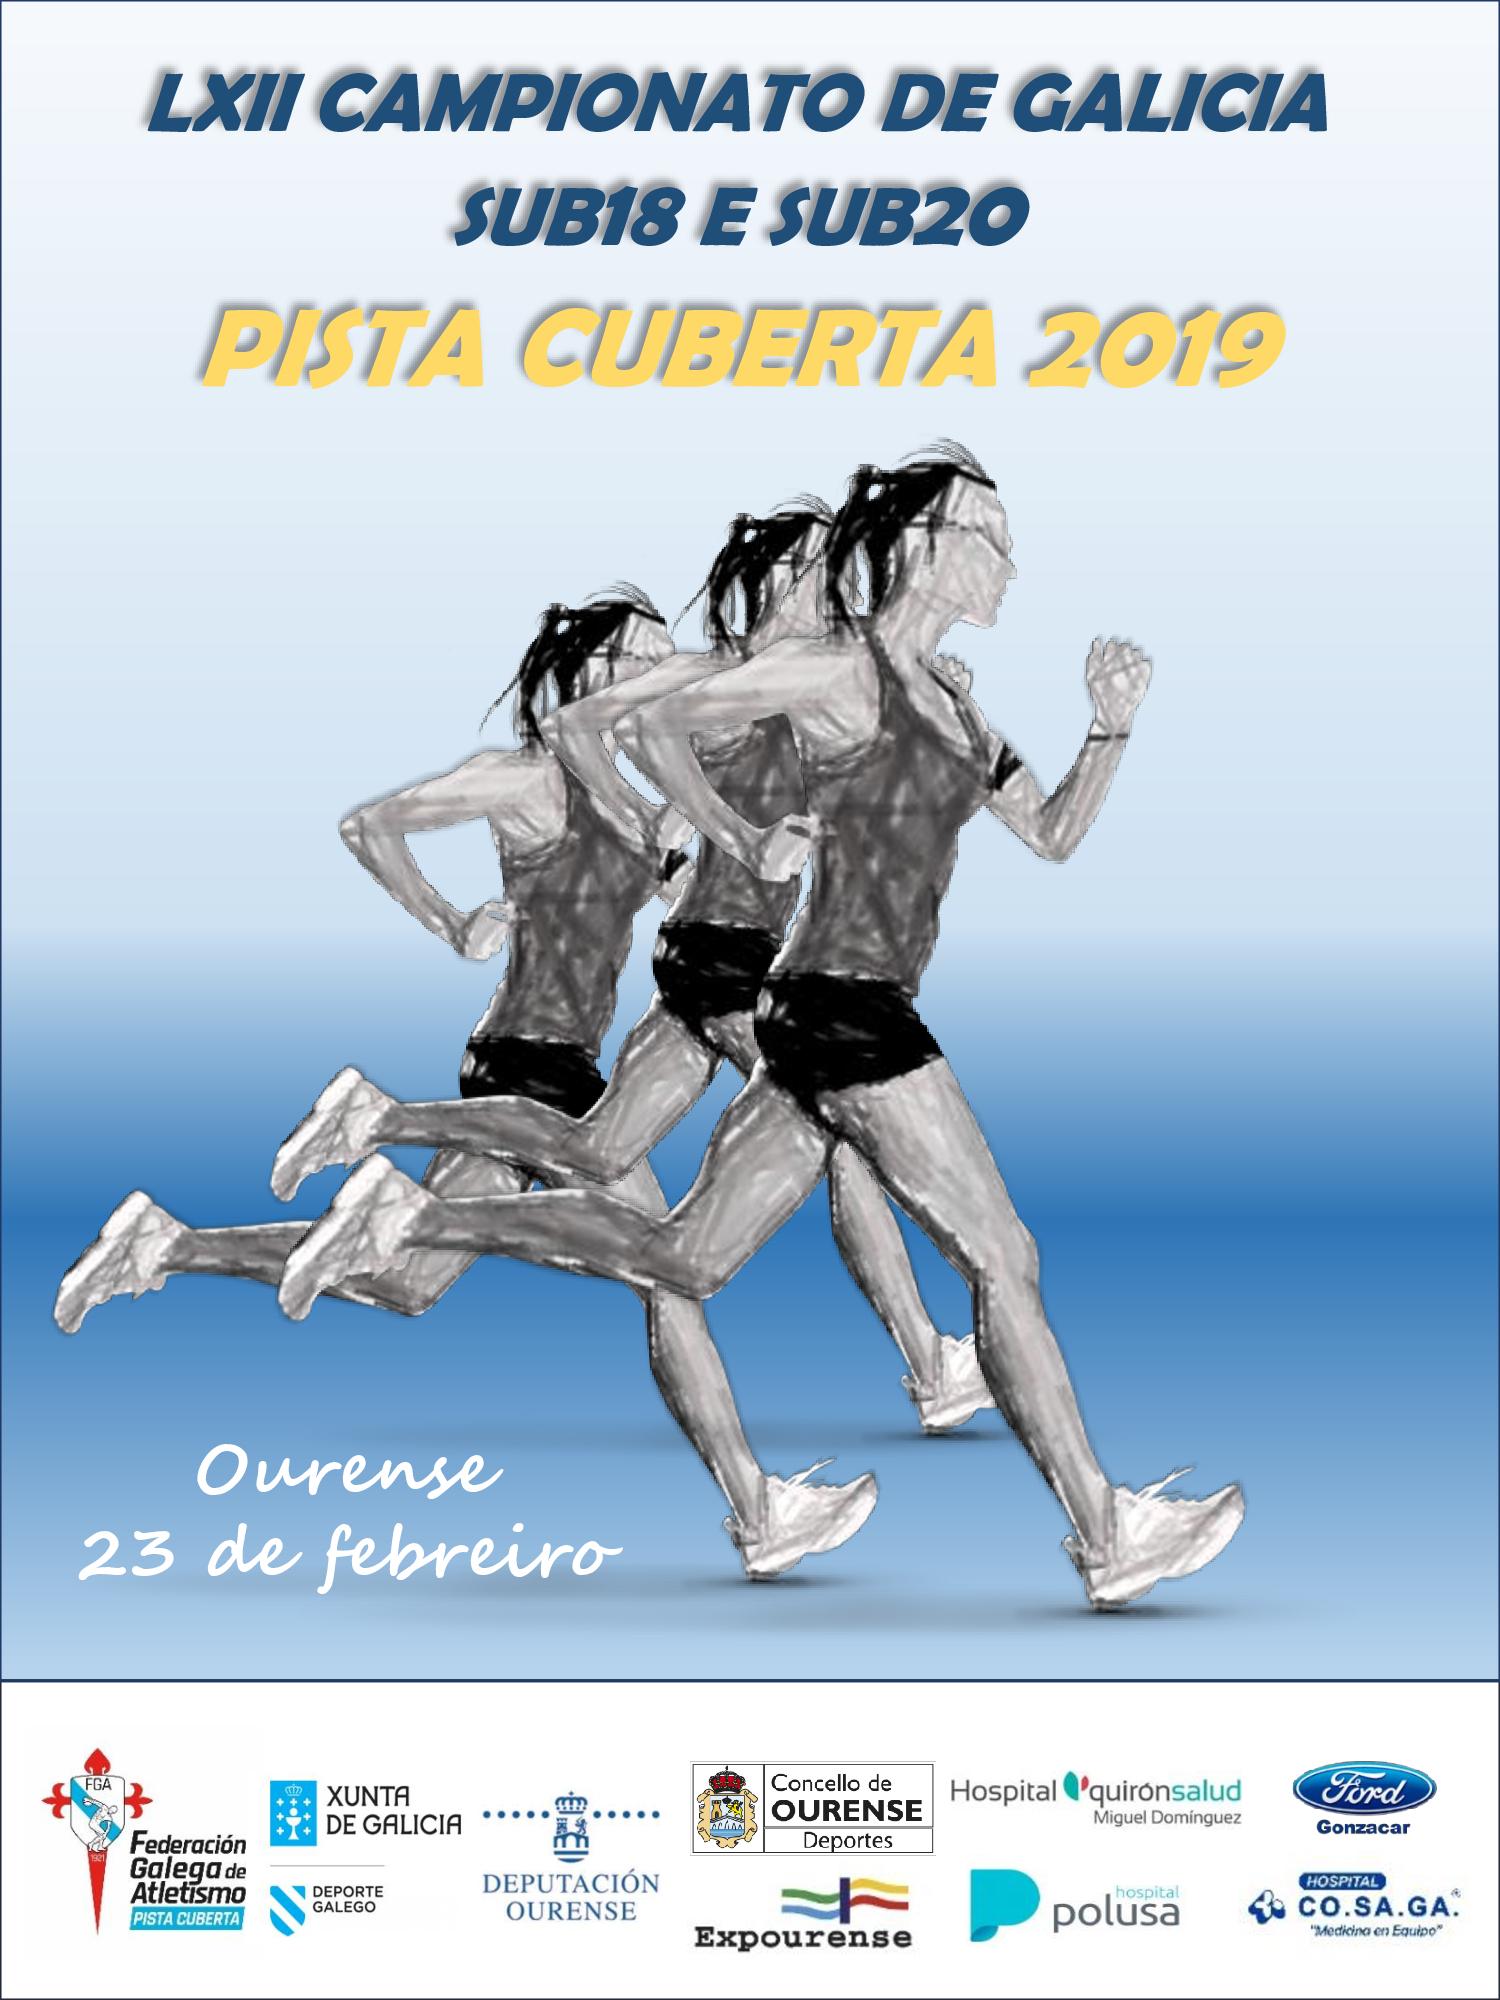 LXII Campionato de Galicia Sub18 – Sub20 en Pista Cuberta